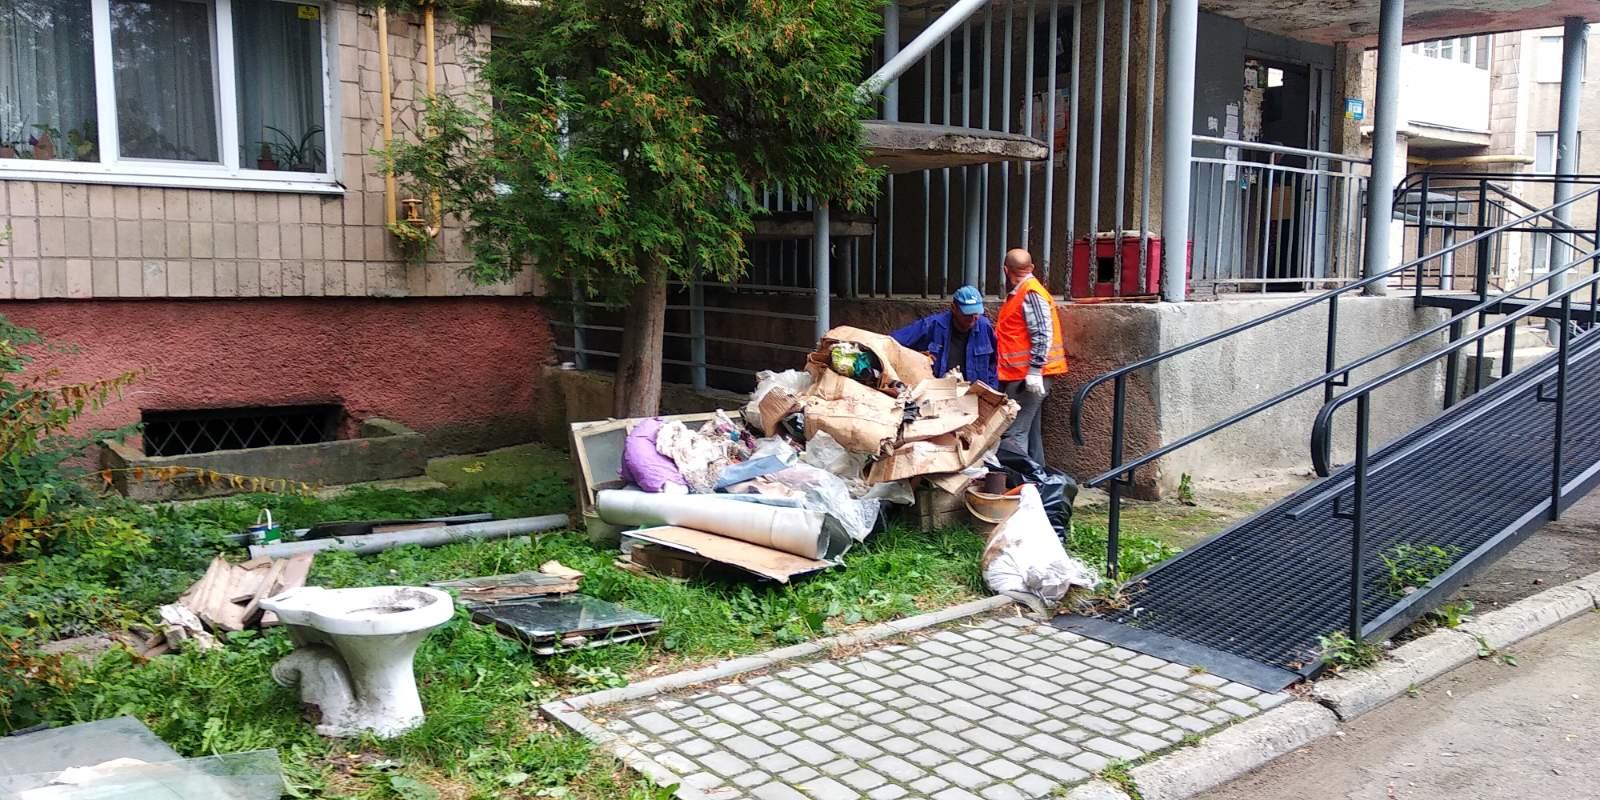 Завалені мотлохом підвал та двір: два дні знадобилося комунальникам, аби прибрати за жителями на Набережній (ФОТО)